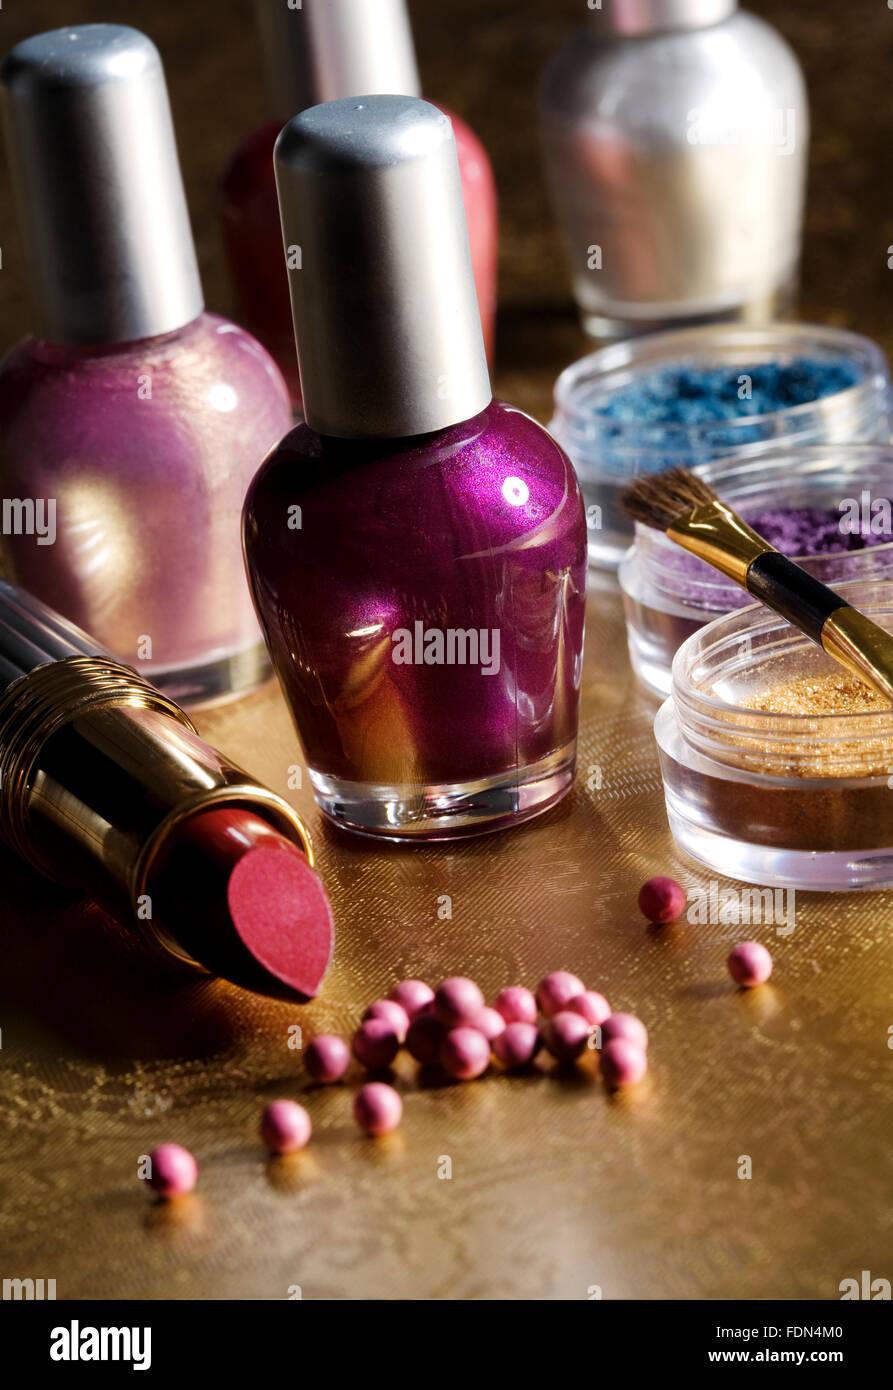 beauty,cosmetics,eyeshadow,nail polish Stock Photo: 94507056 - Alamy